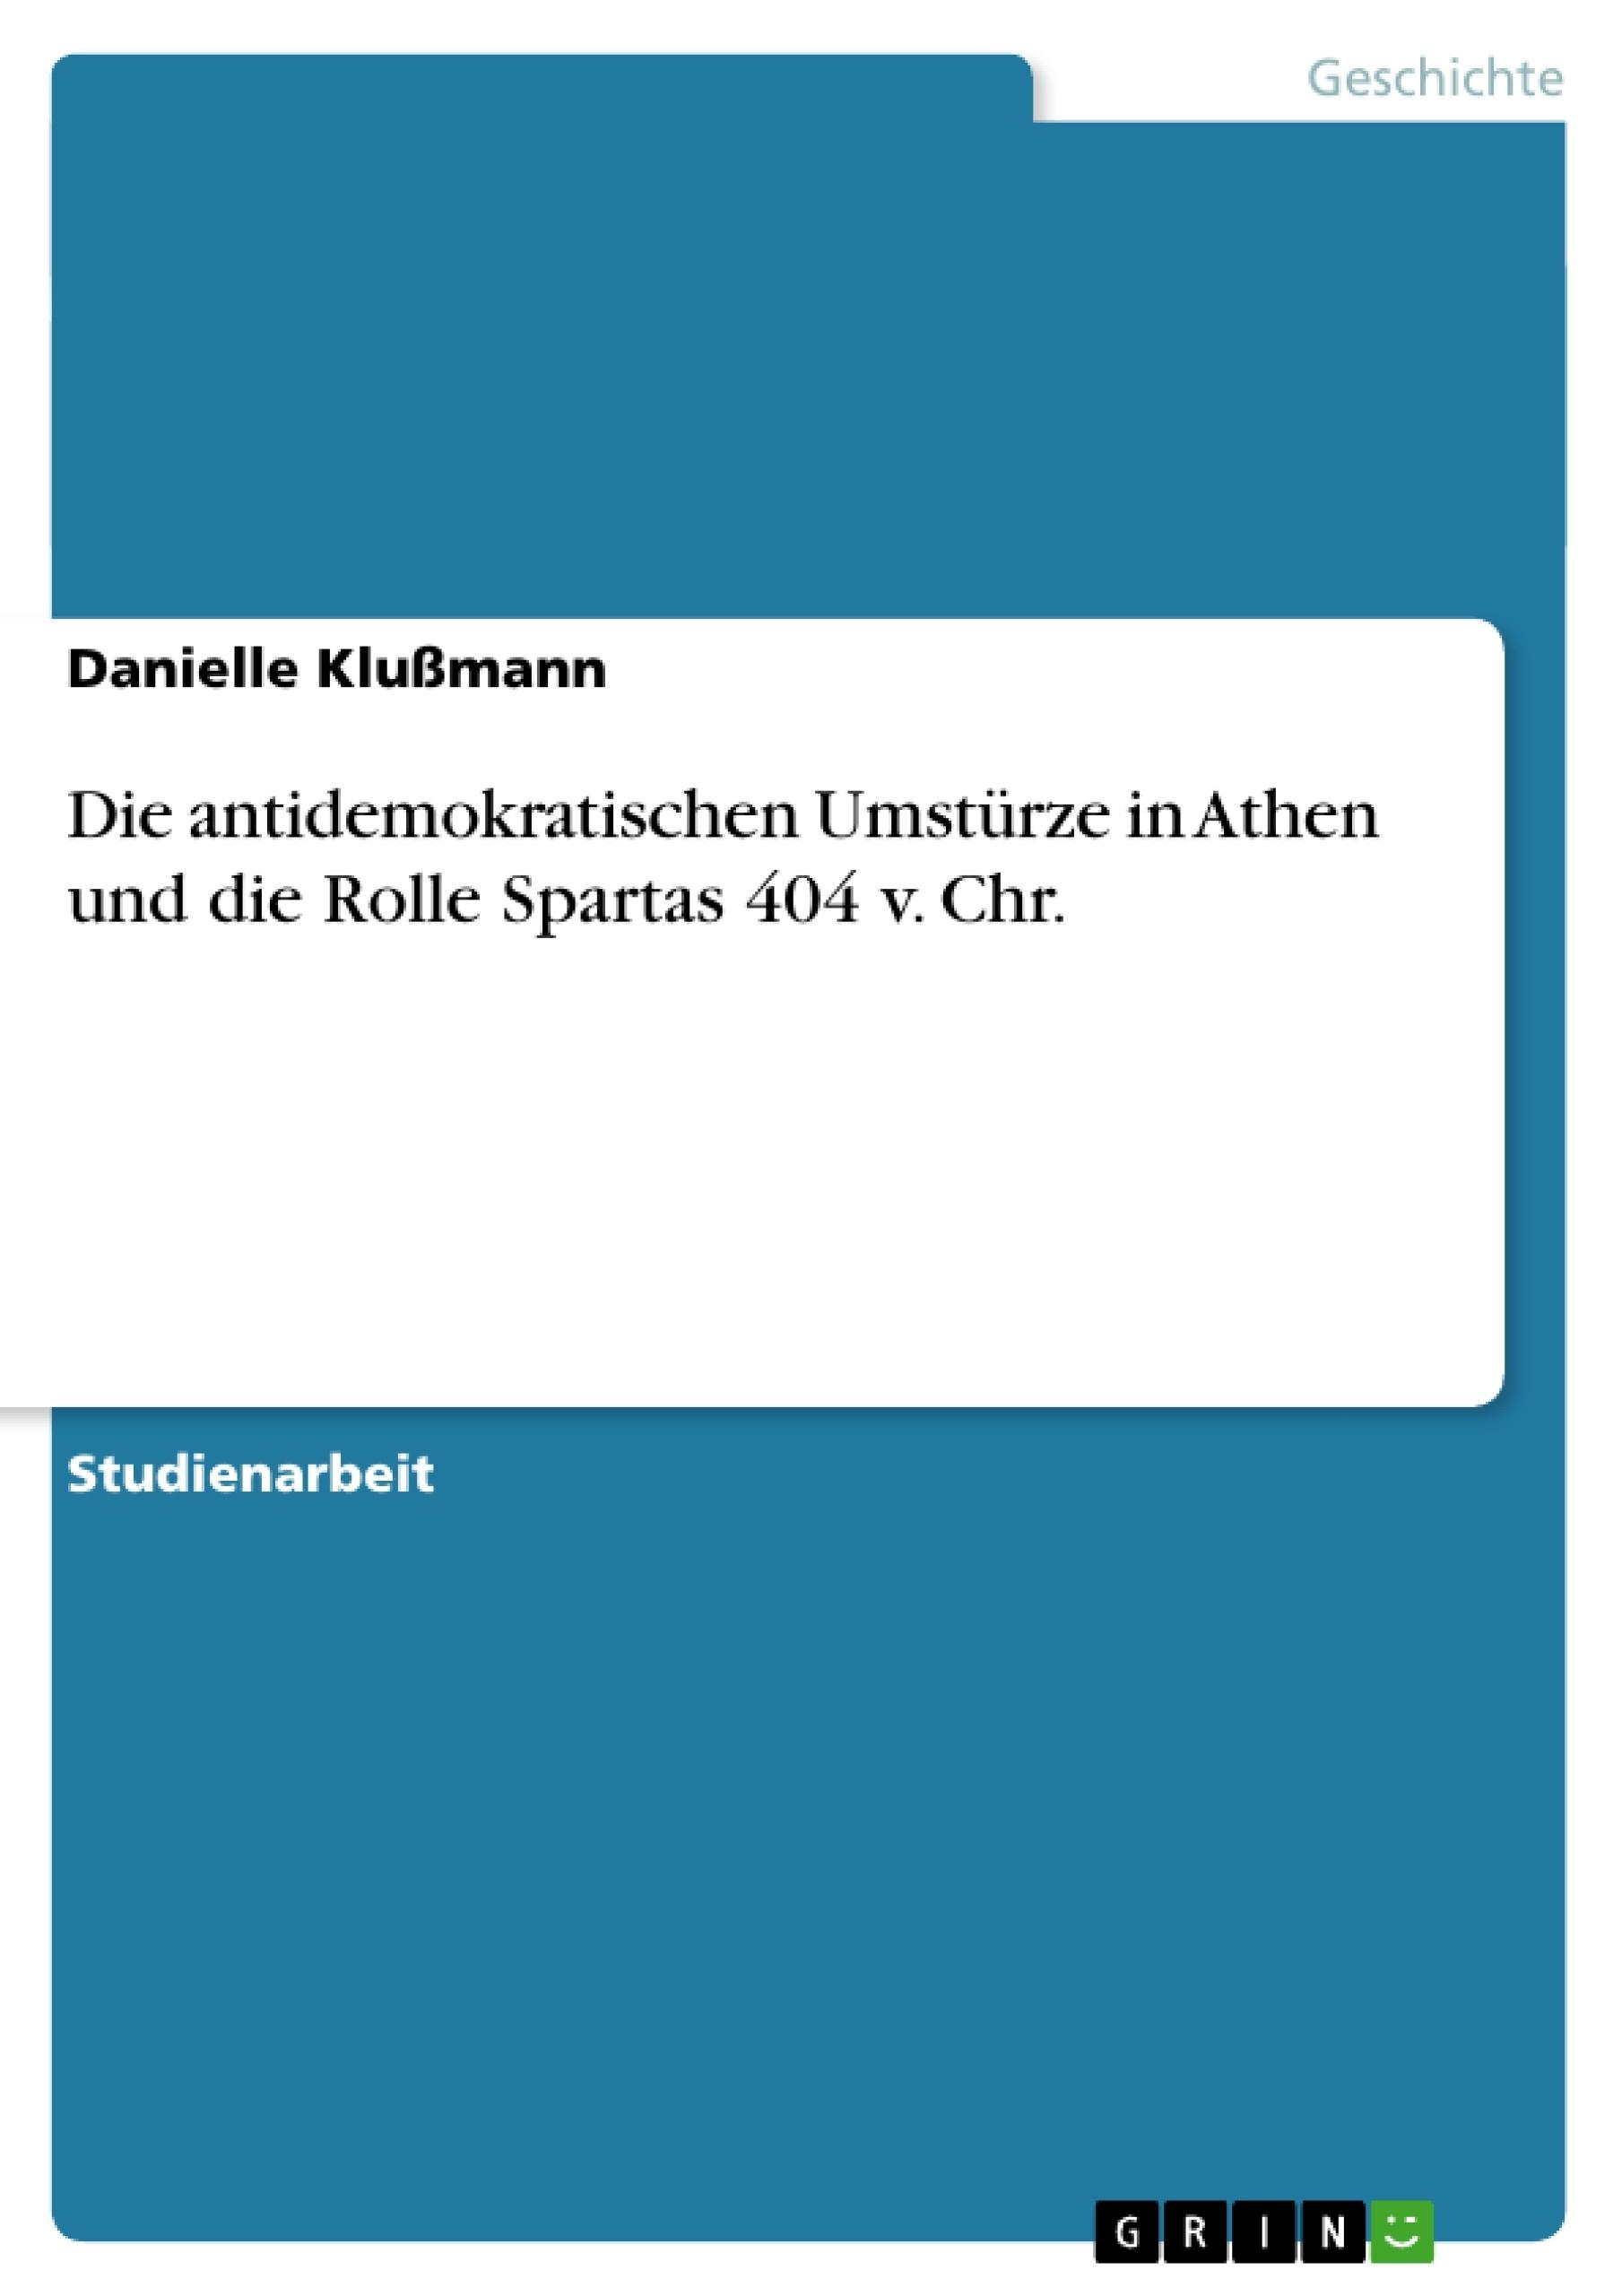 Titel: Die antidemokratischen Umstürze in Athen und die Rolle Spartas 404 v. Chr.